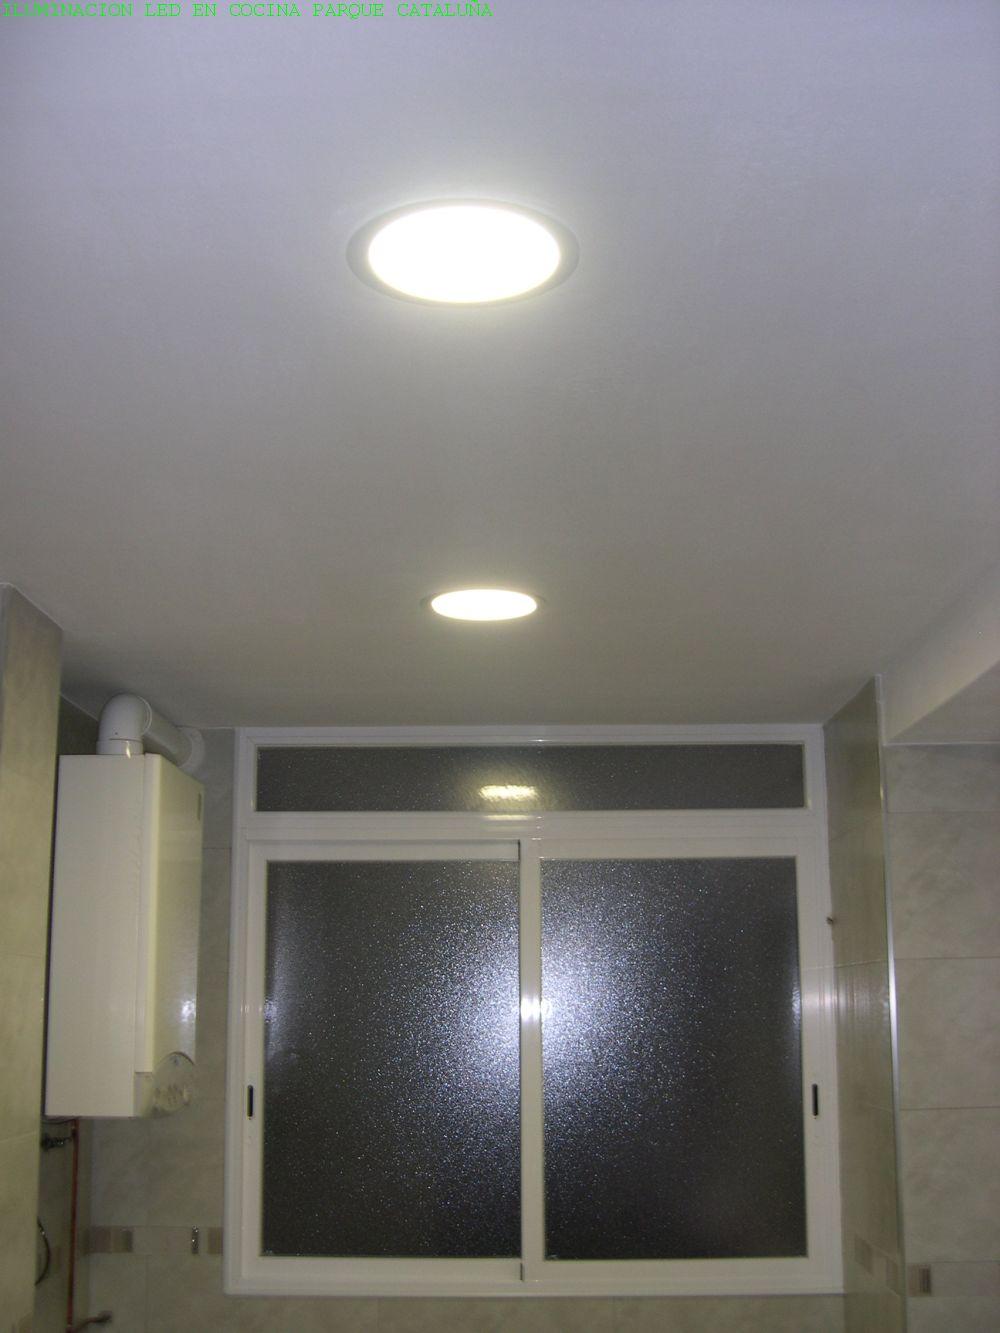 Reforma cocina piso parque catalu a refor go - Iluminacion de techo ...